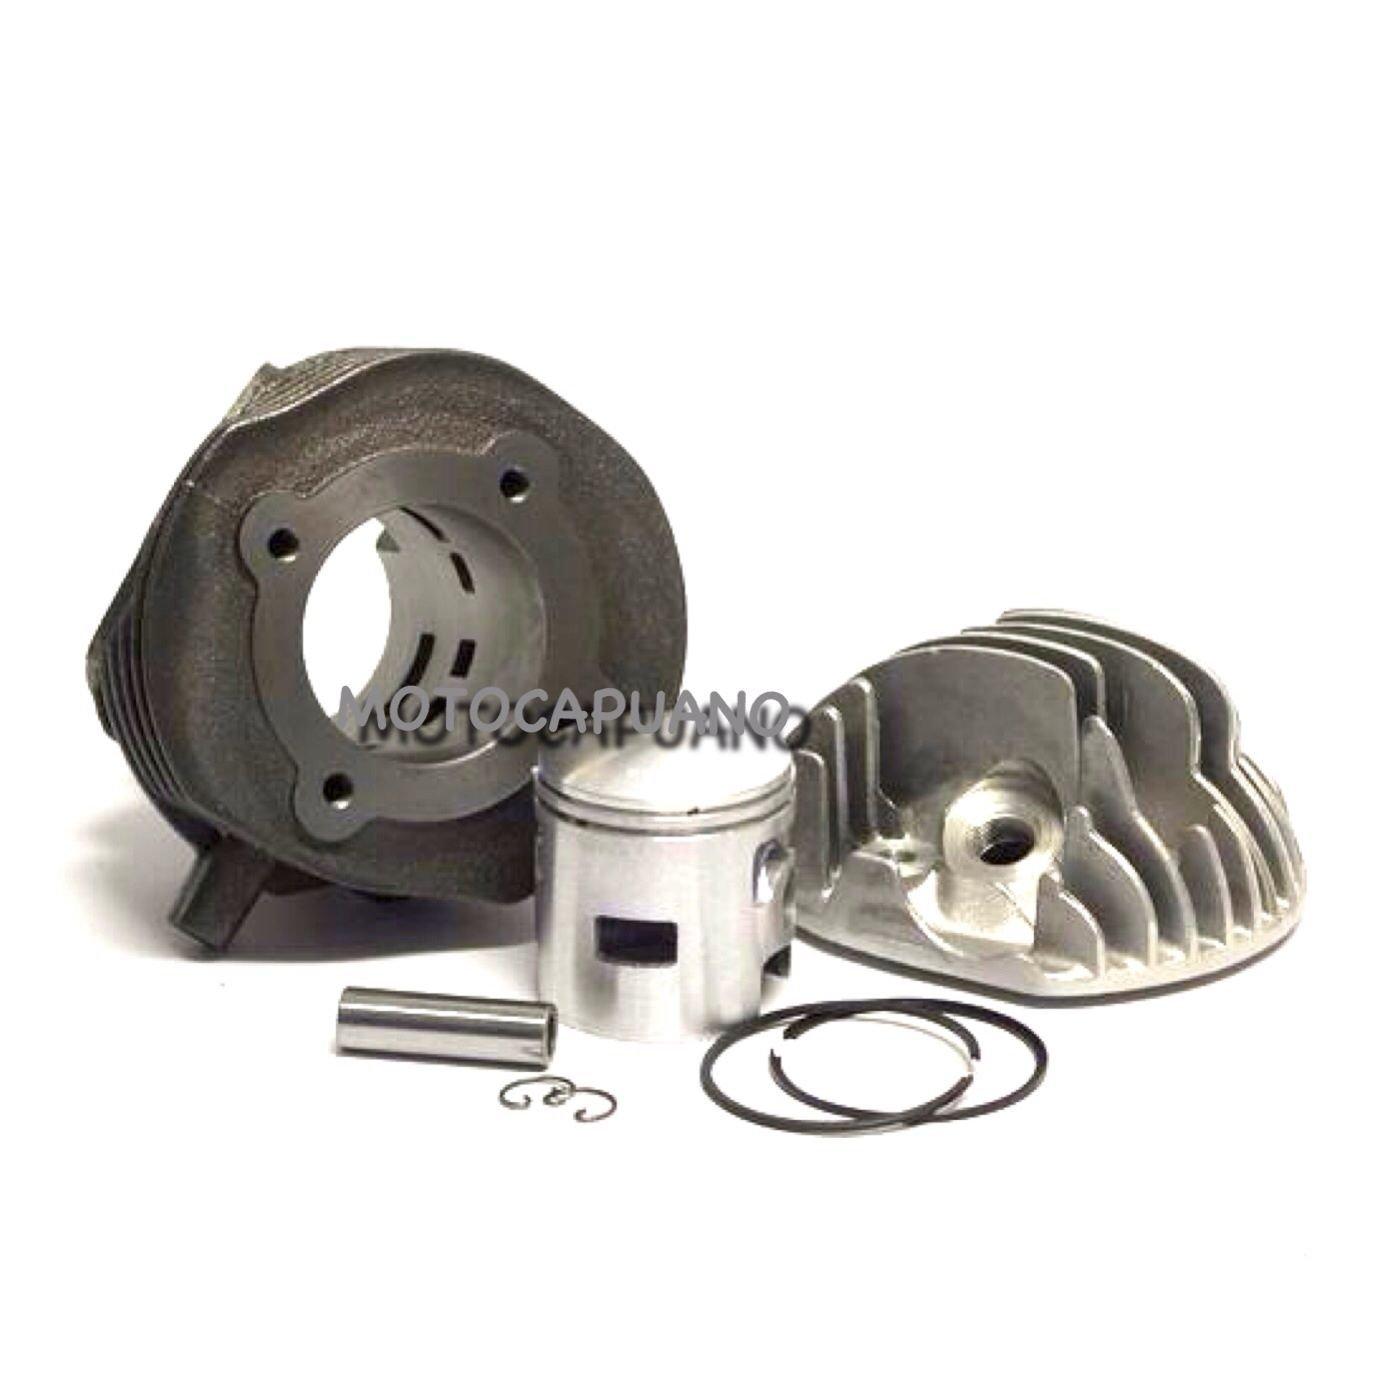 00014 GRUPPO TERMICO DR VESPA 50 APE RST MIX PK SPECIAL R L D.55 102 cc TRAVASI MotoCapuano 151076603691